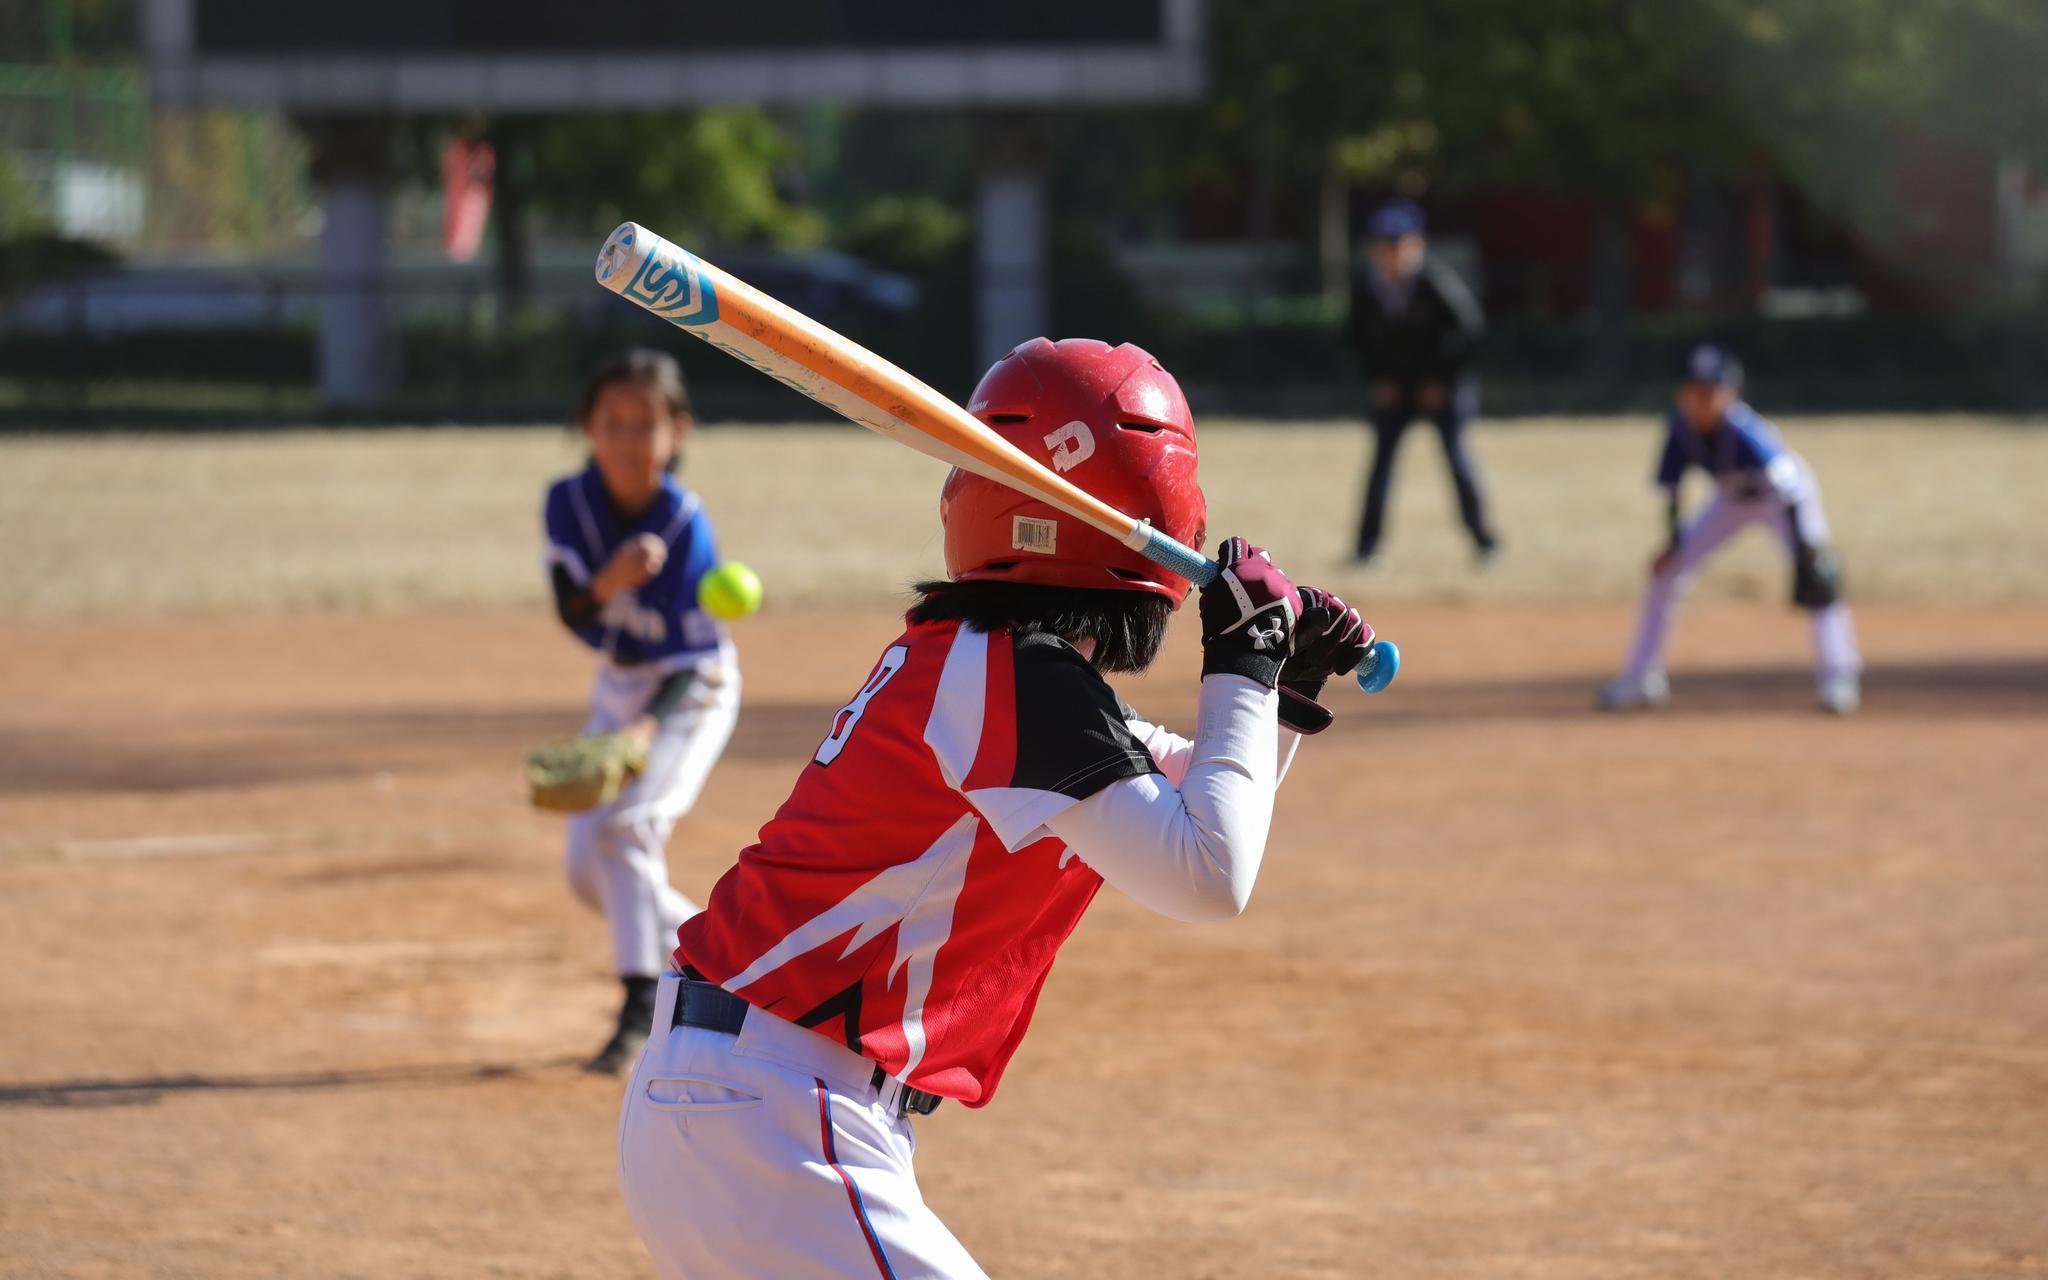 着眼未来,北京市青少年垒球赛首设U12组别图片